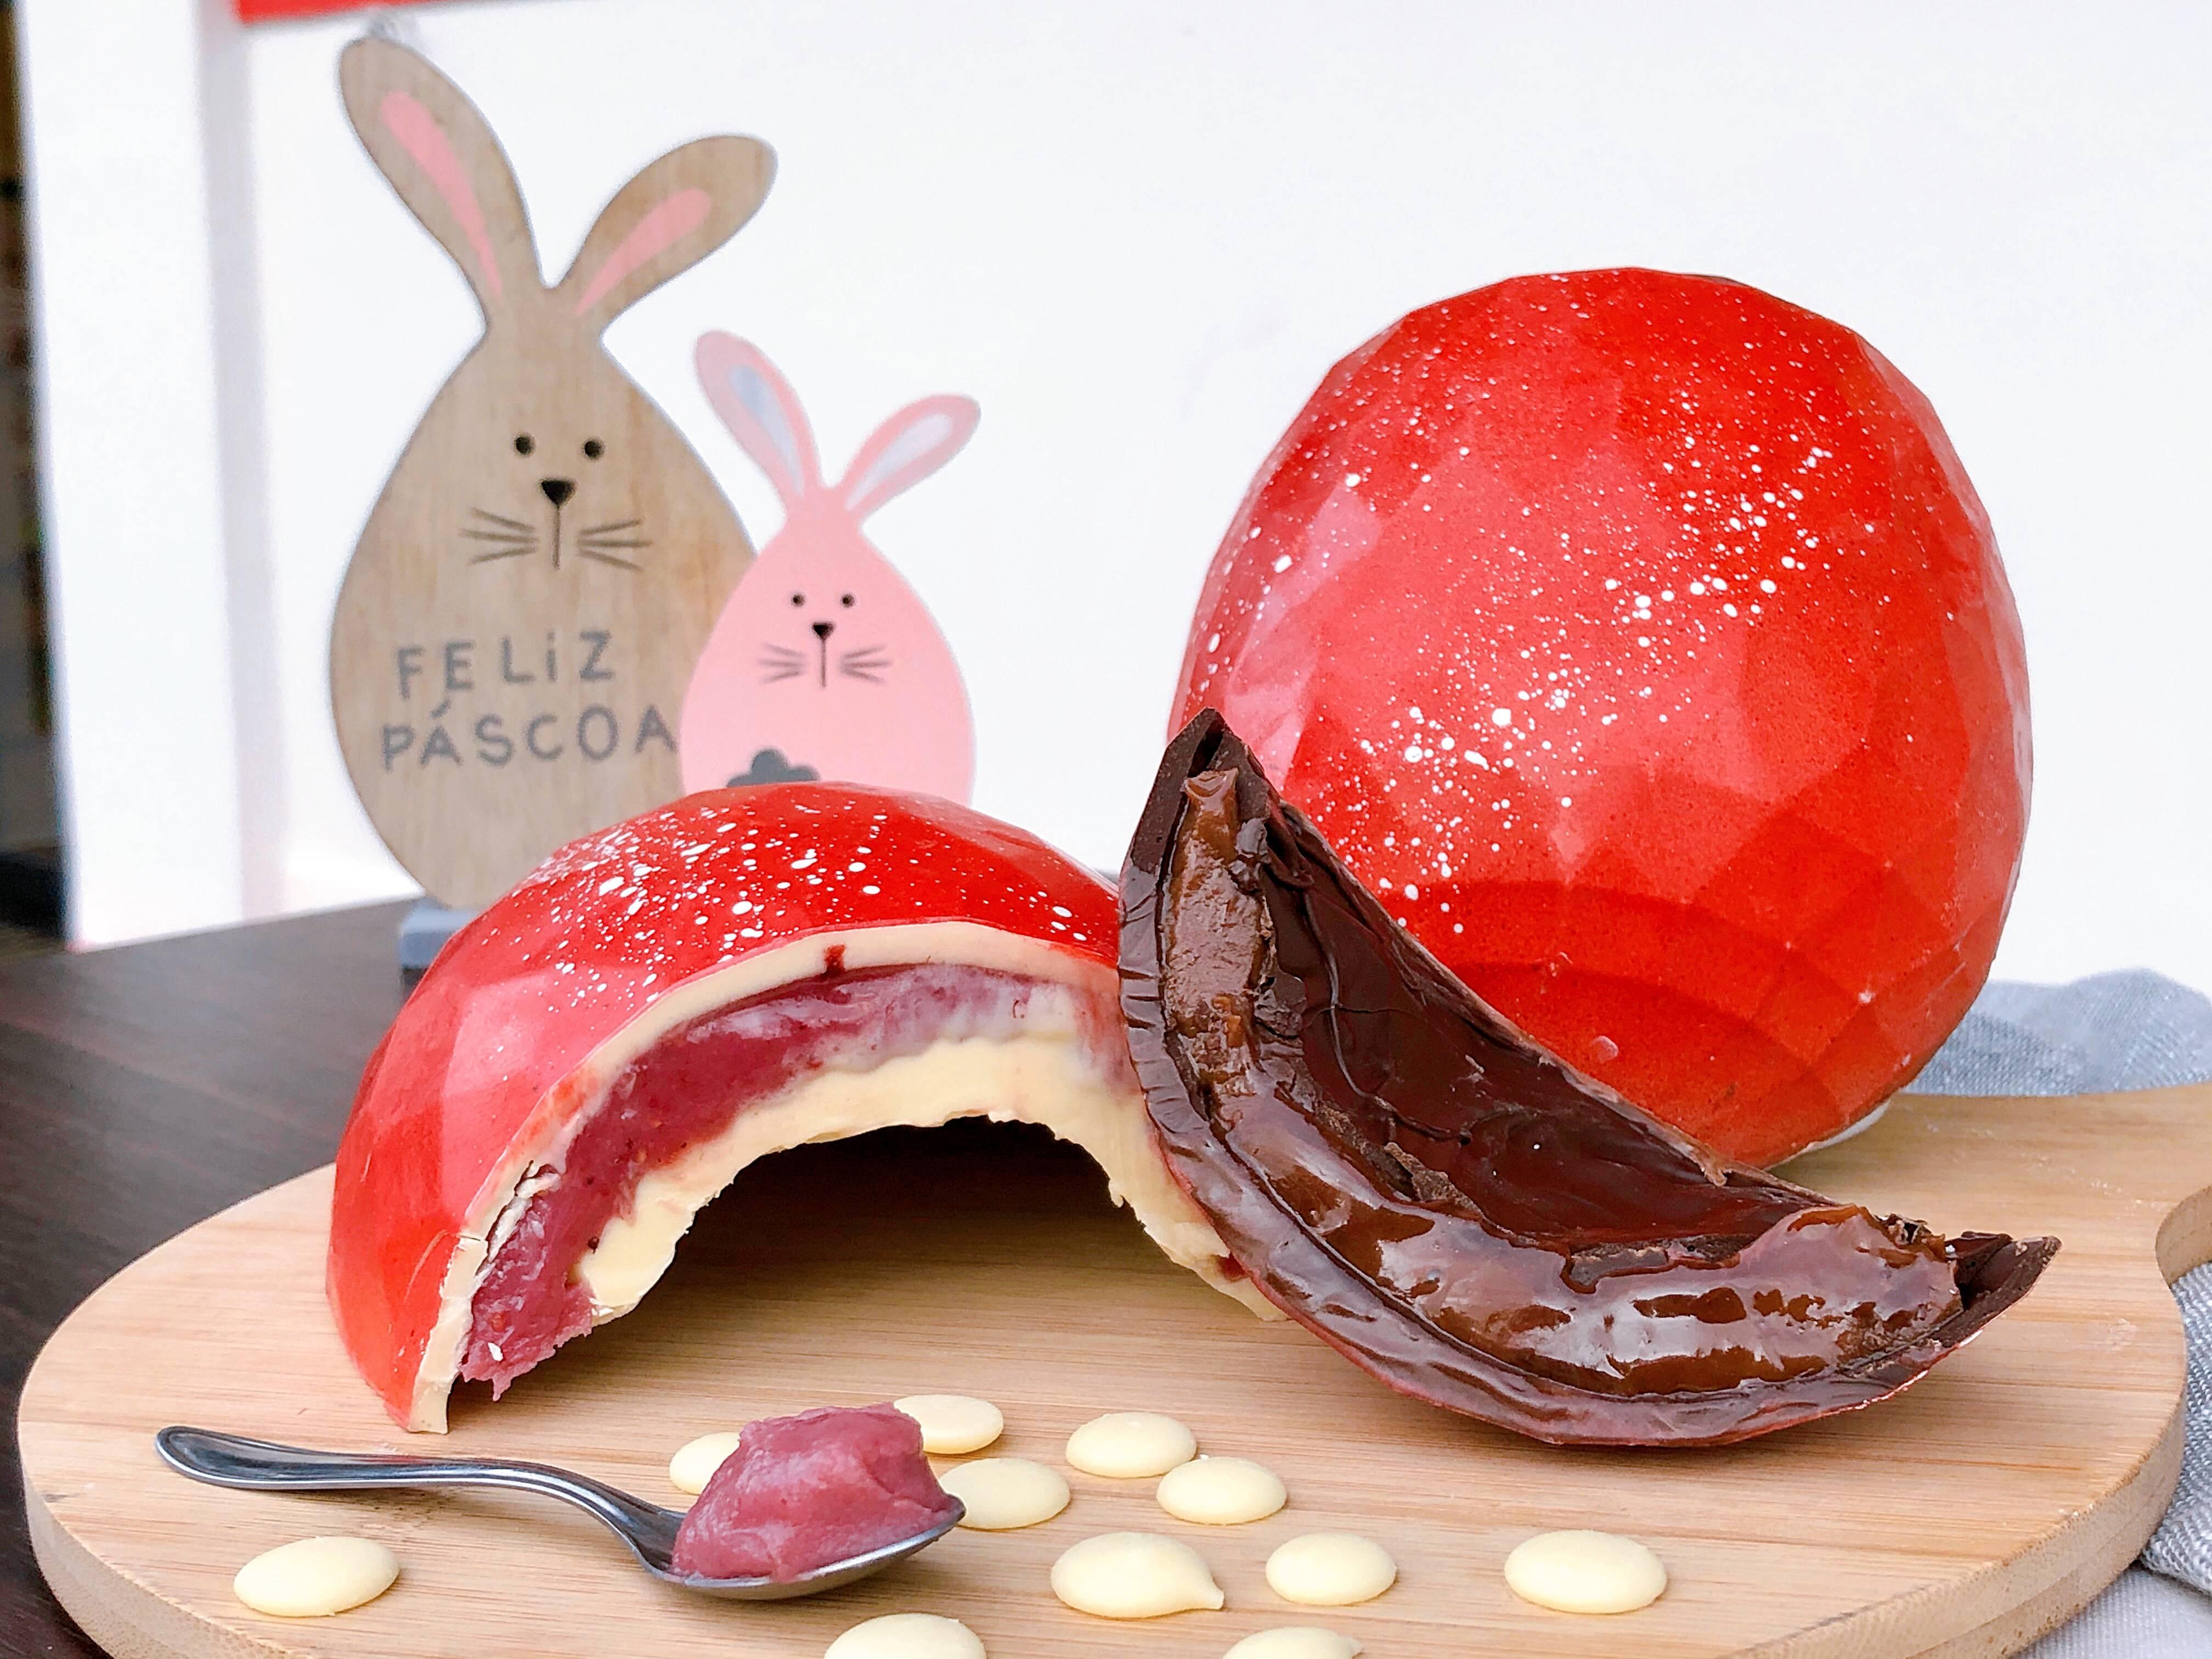 Ovo trufado da Sotile Pasticceria, famosa por seus entremets. Alguns sabores viraram ovos de Páscoa